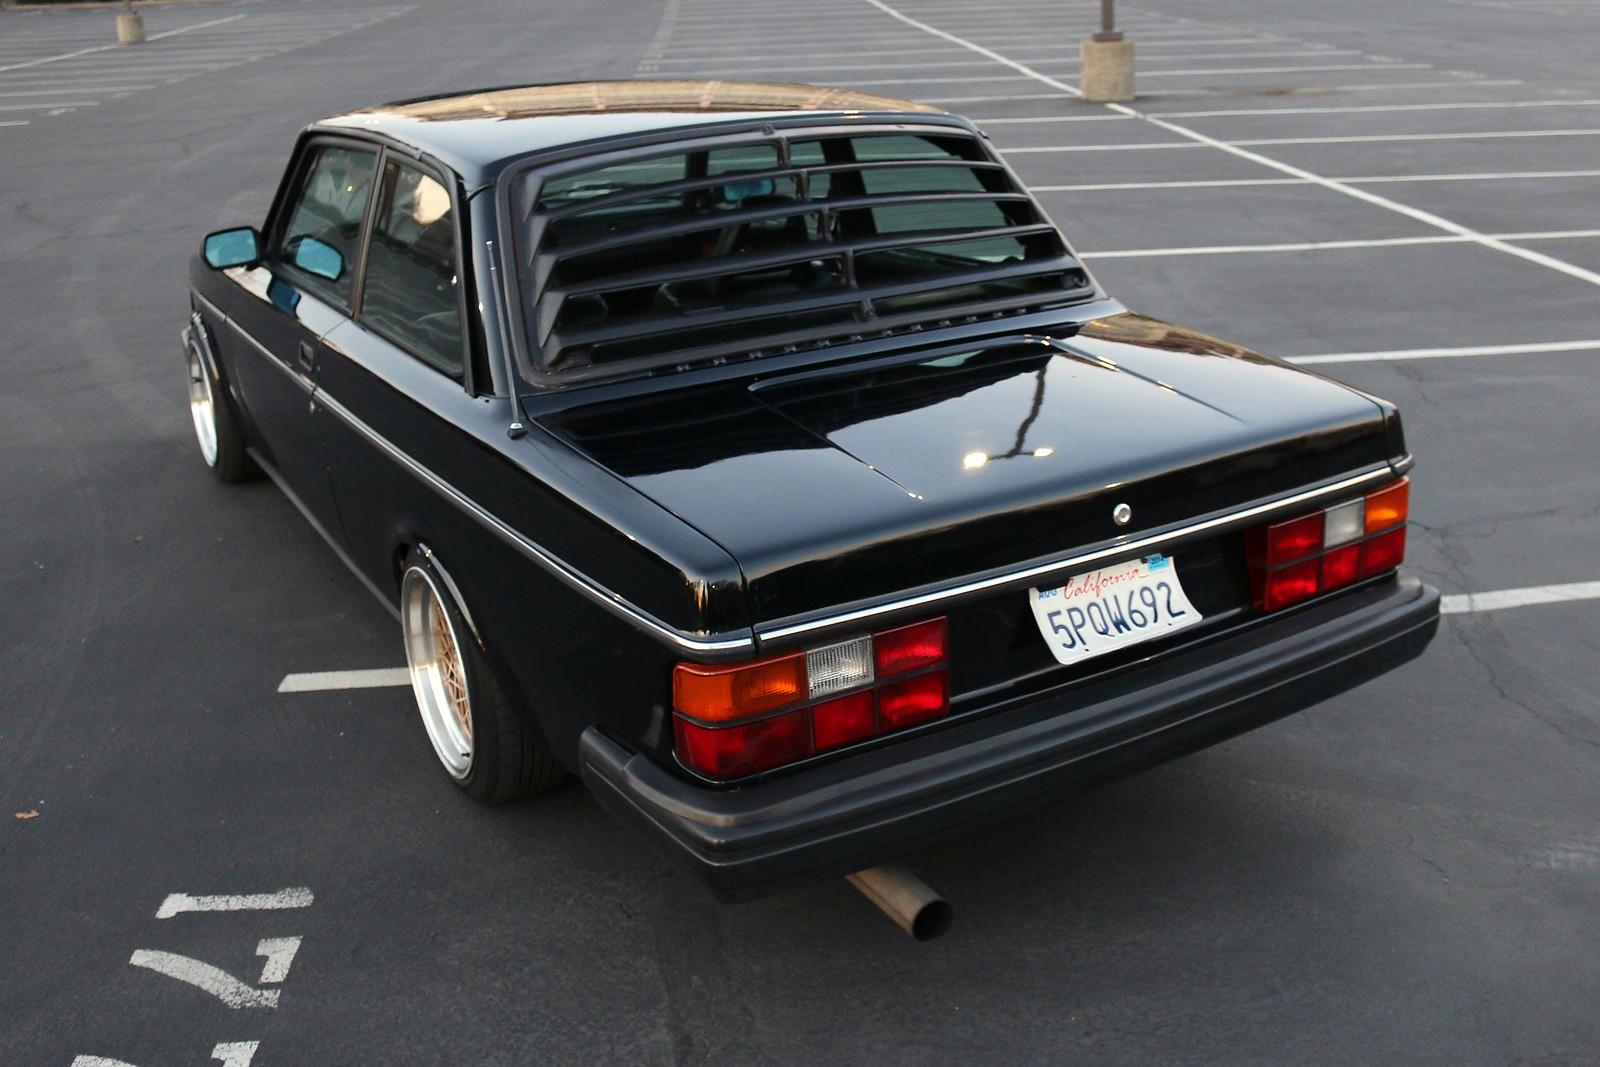 Volvo 242 '80s style